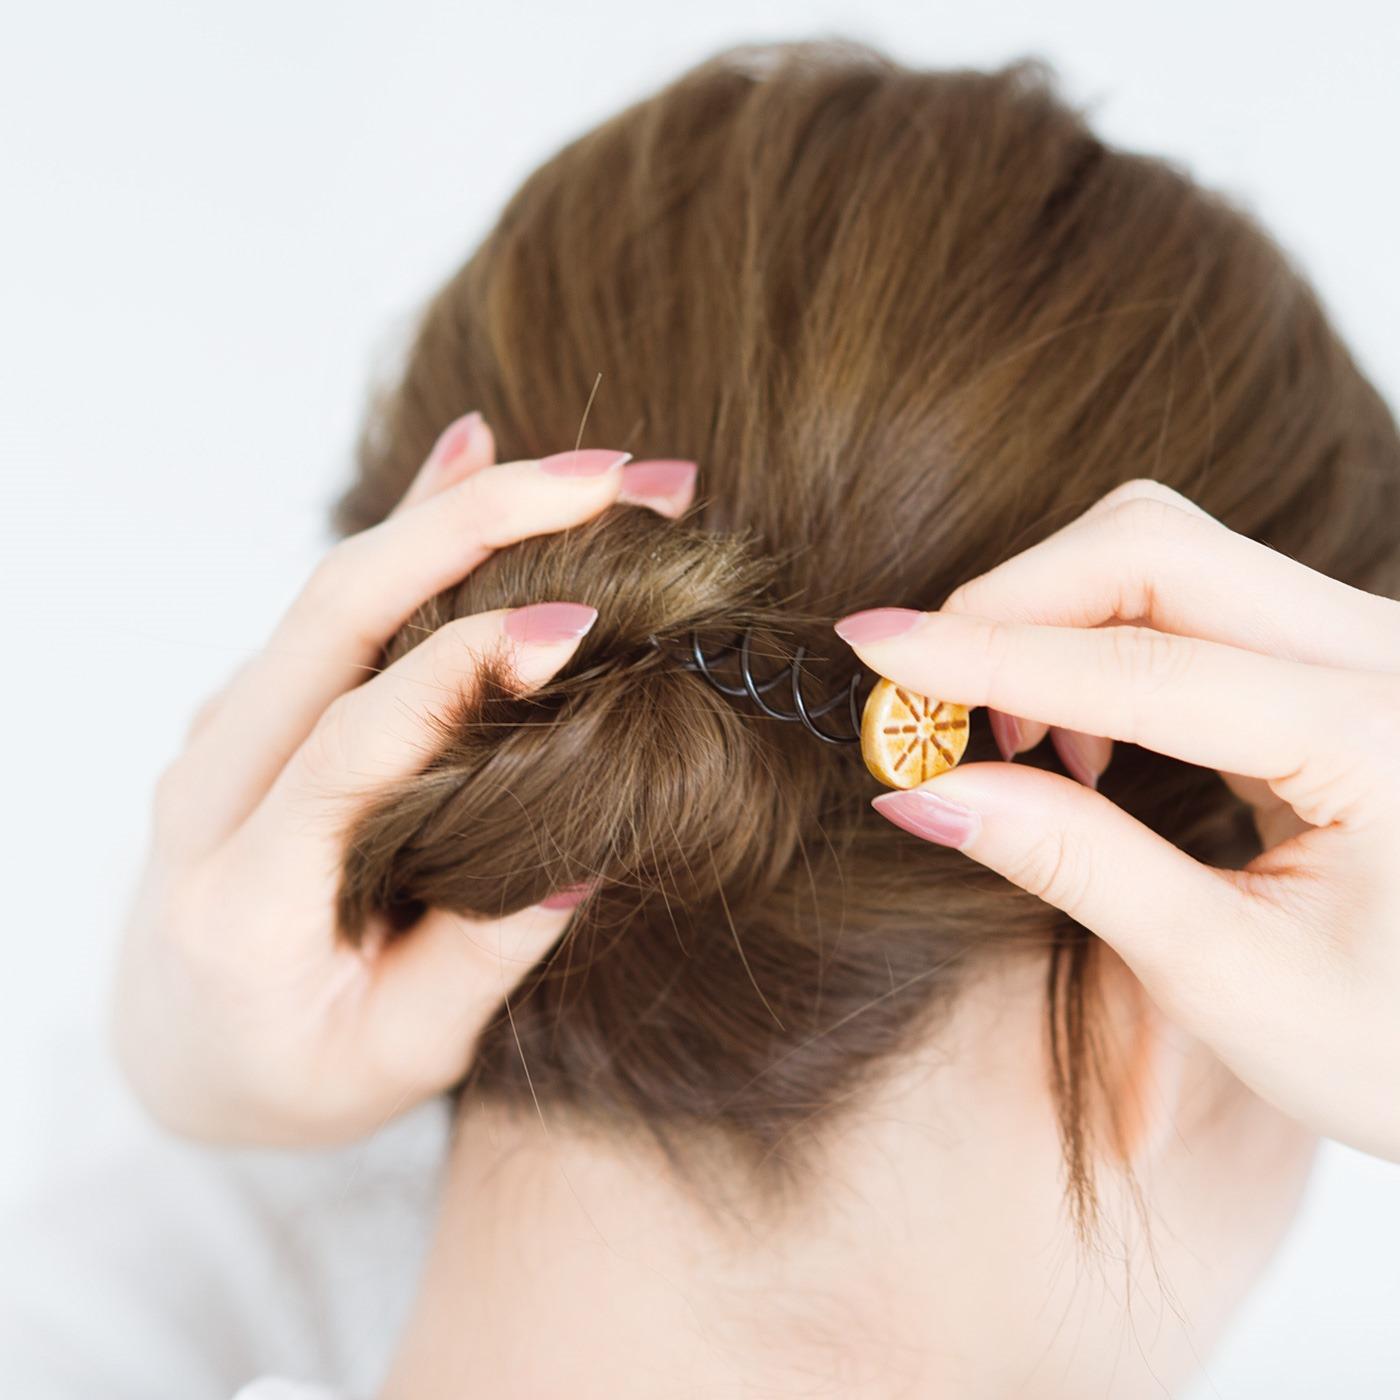 まとめた髪にピンをねじり込んでいくだけ。